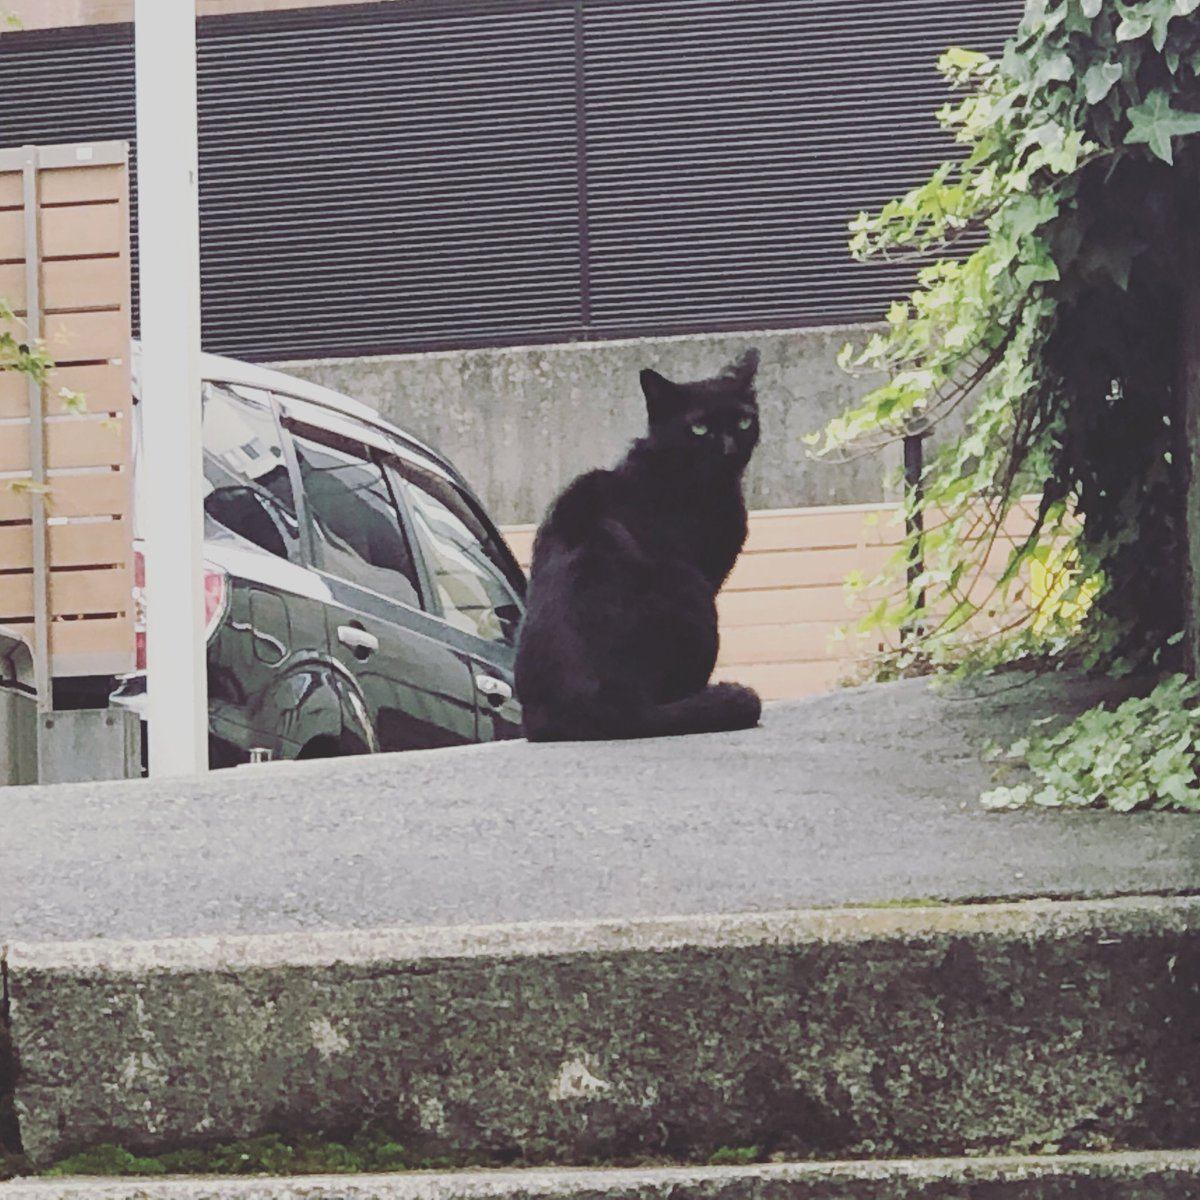 今日の検問は毛玉…もとい、餡子猫でした。  #猫 #ねこ #Cat #猫の検問 #黒猫 #餡子猫 #四谷